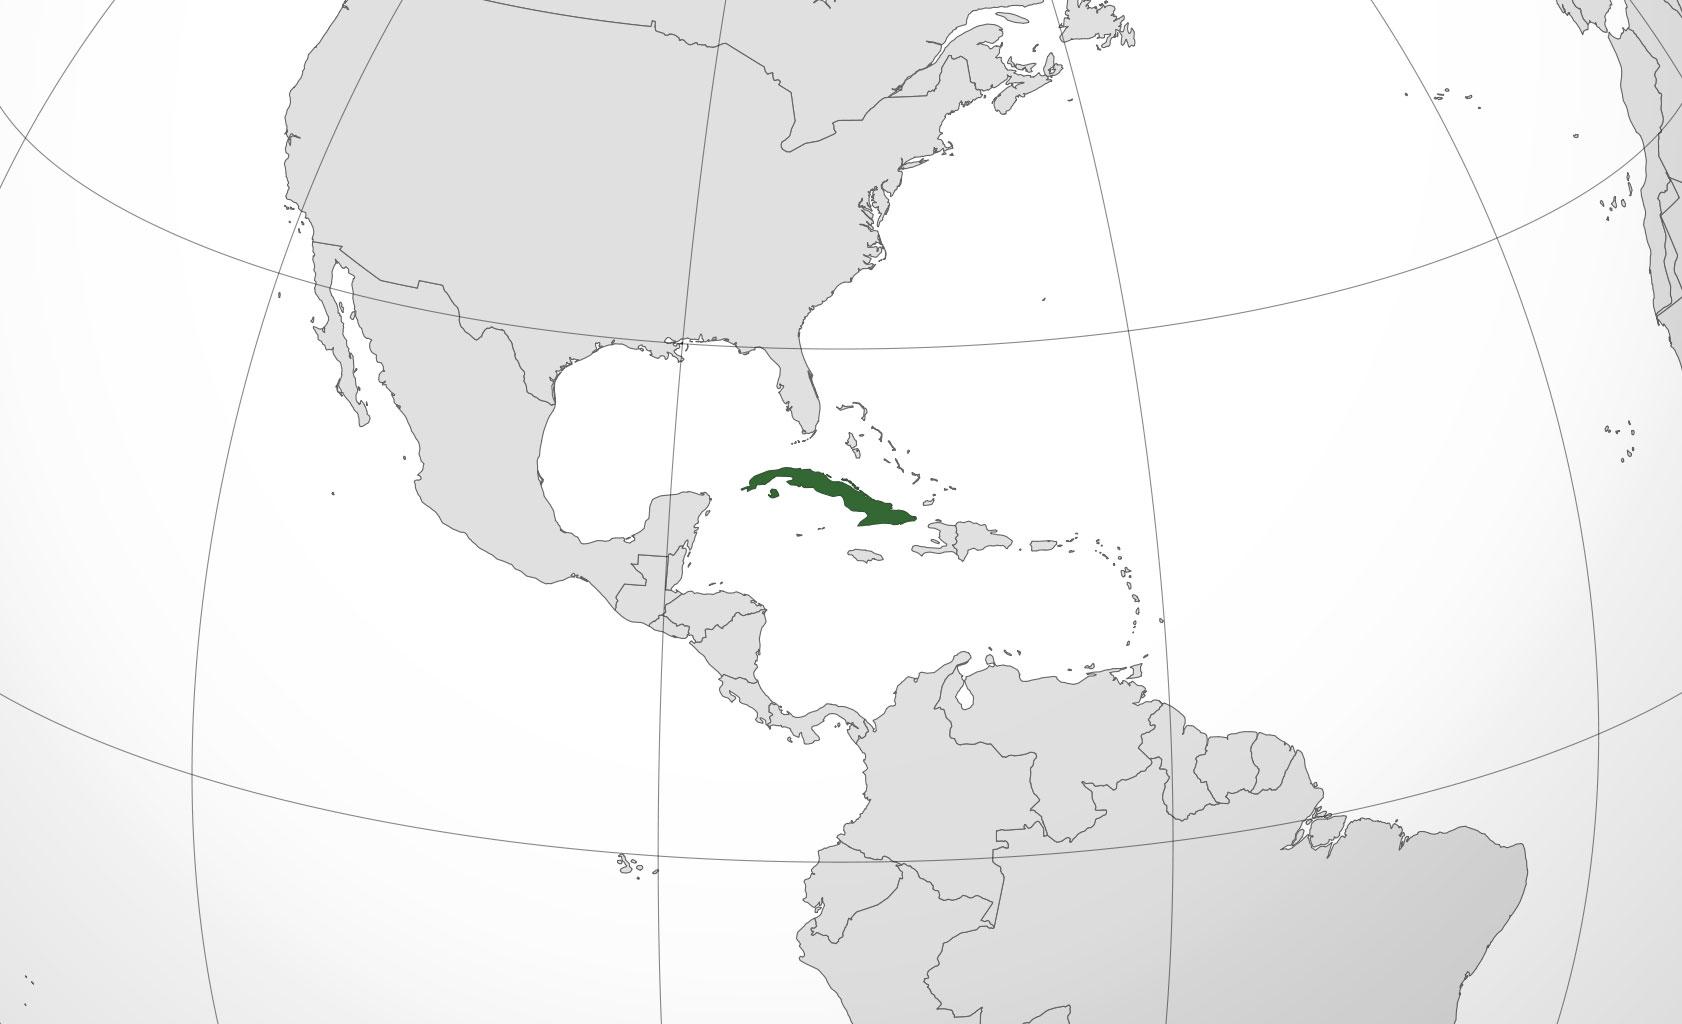 mapa de cuba, donde está, queda, país, encuentra